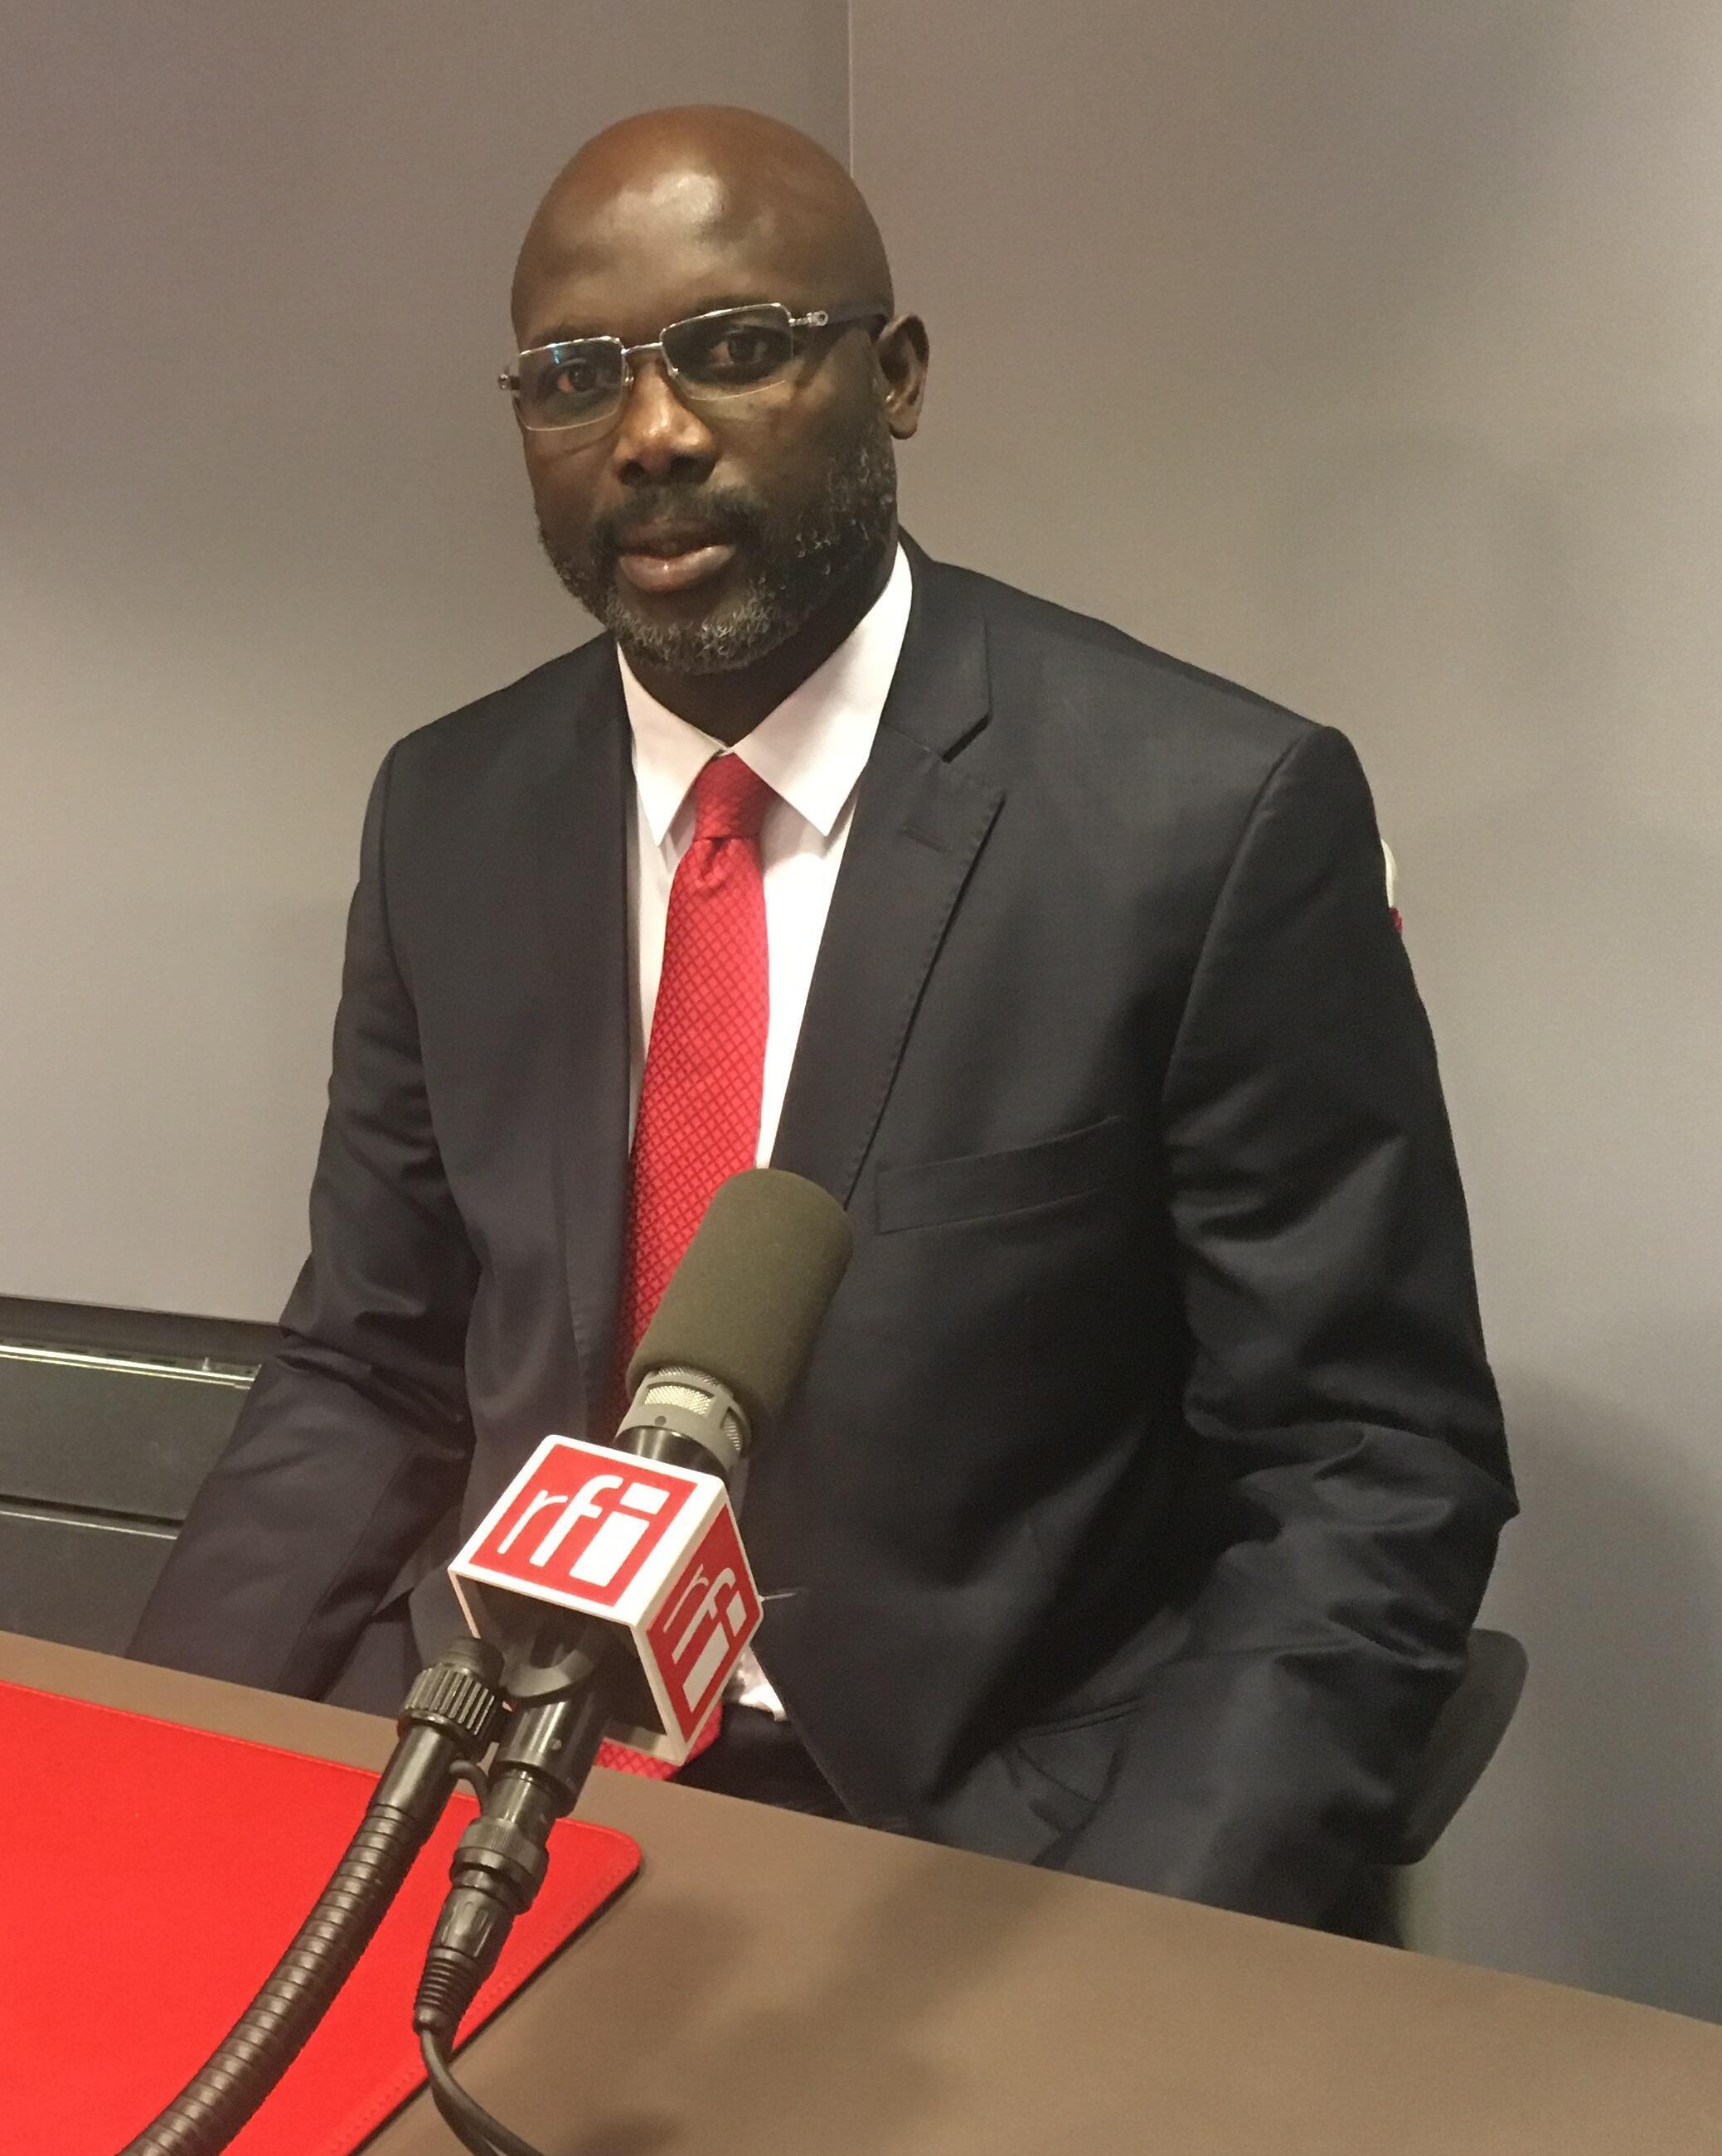 George Weah, sénateur libérien et candidat au scrutin présidentiel 2017, dans les studios de RFI, à Paris.